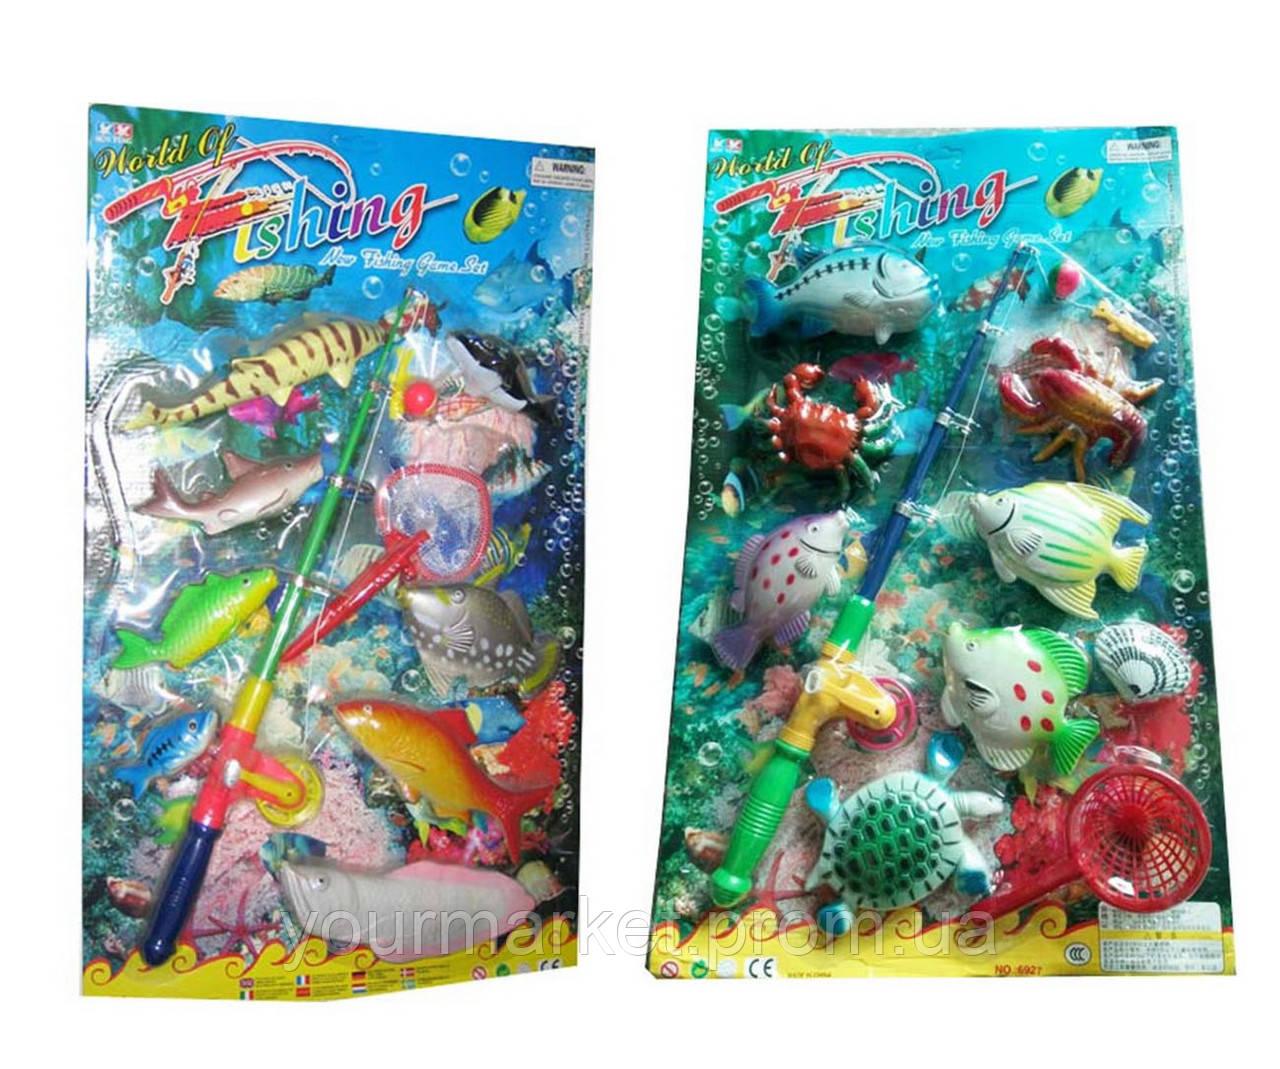 Рыбалка 6925/6927 (6927) магнит.,2 вида микс,удочка,рыбки,на планшетке